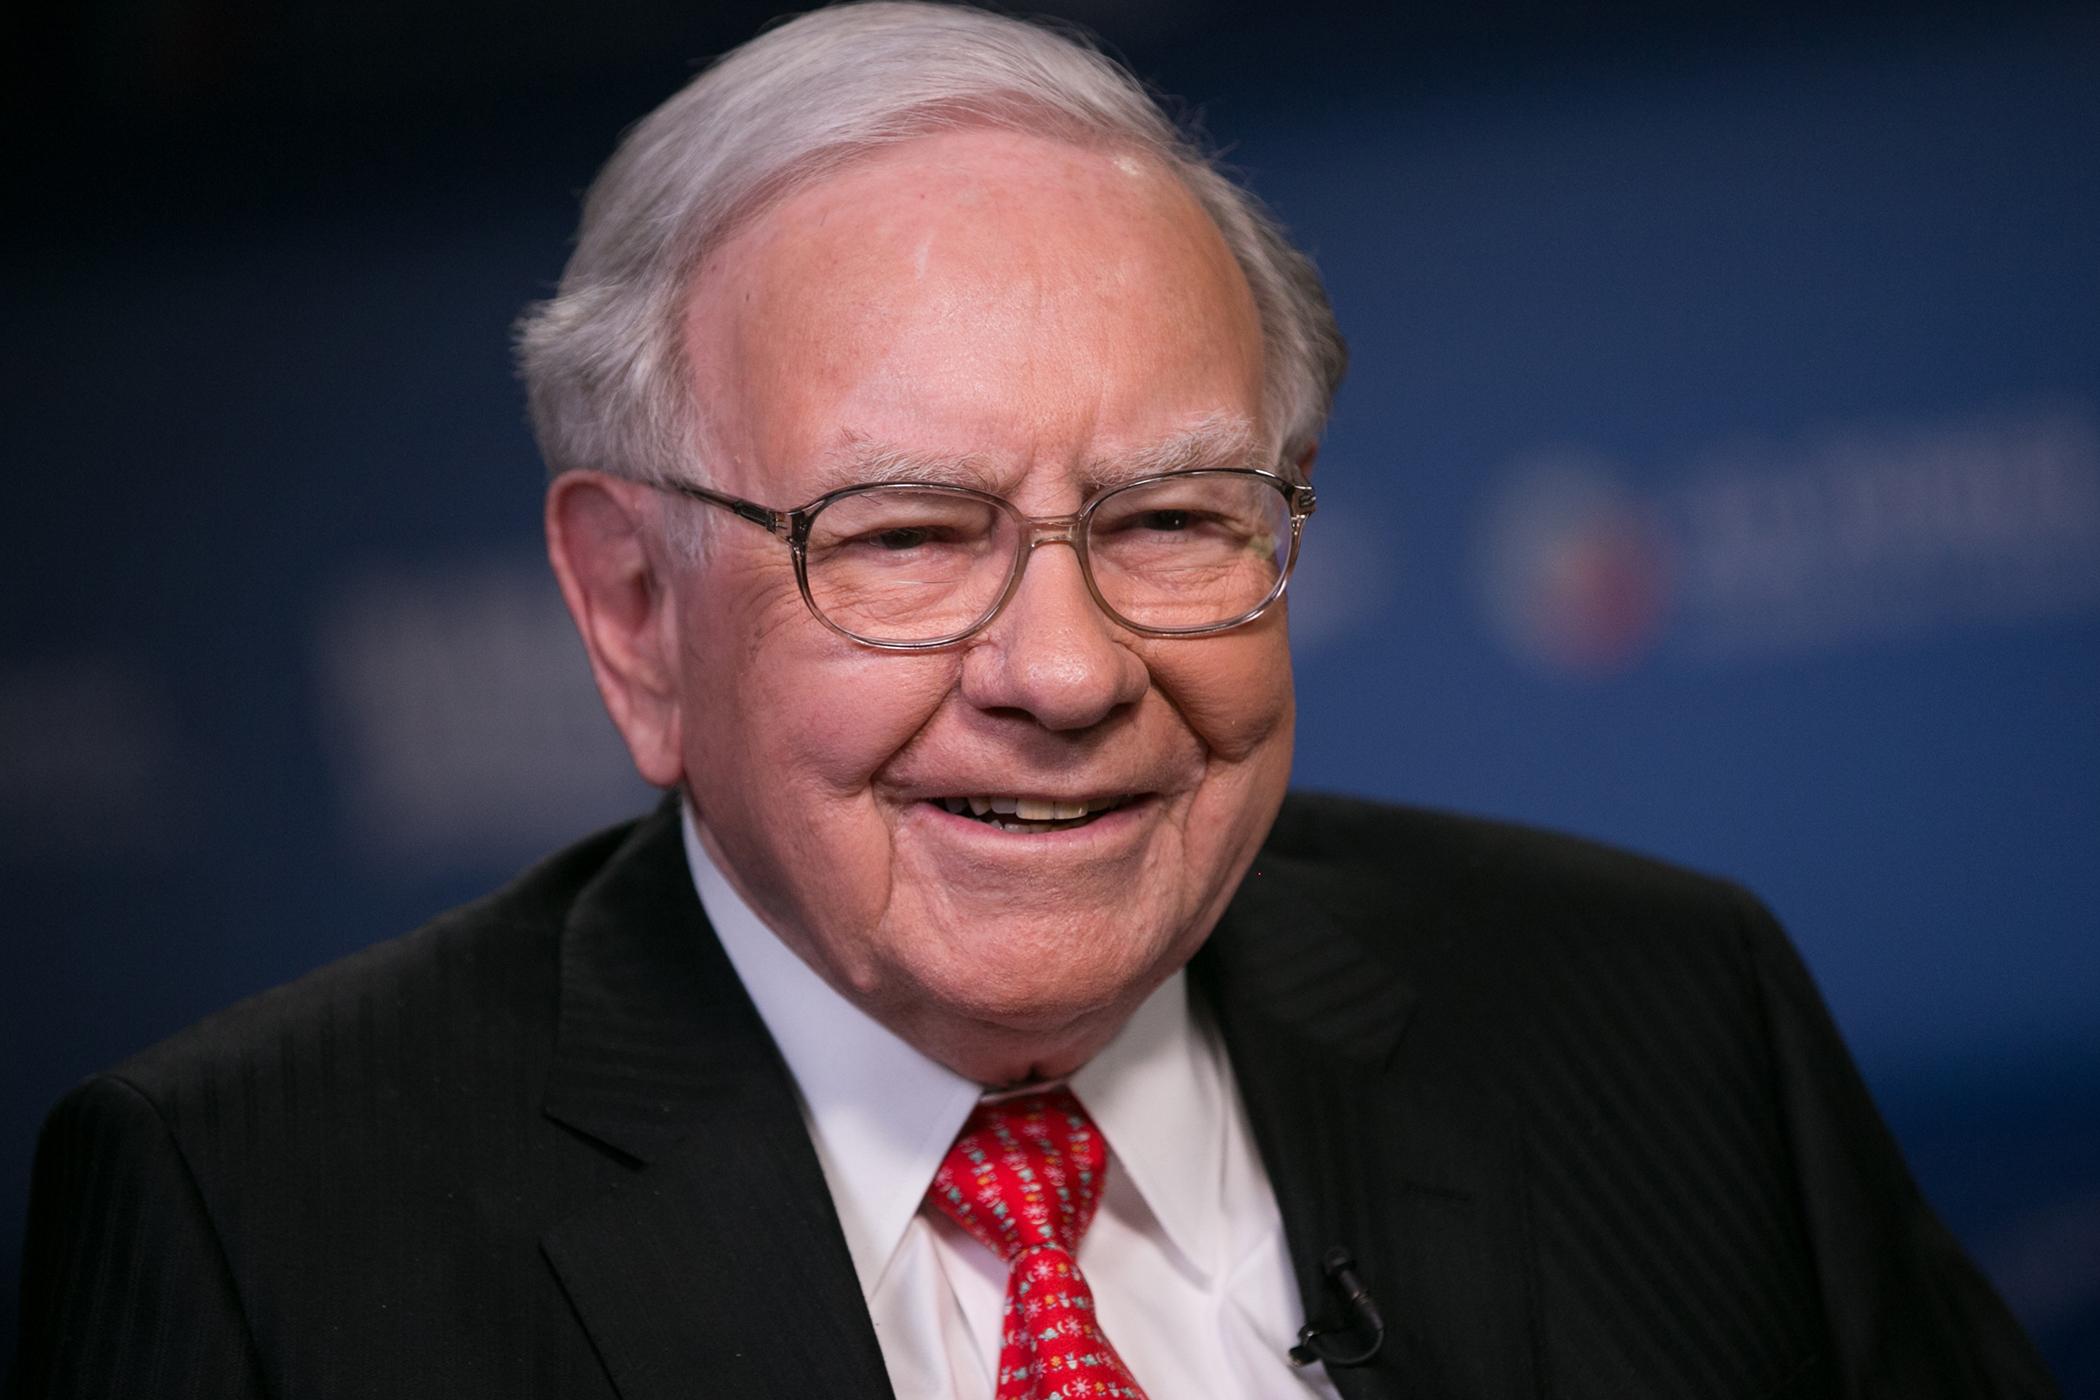 Warren Buffett, CEO of Berkshire Hathaway, on March 31, 2015